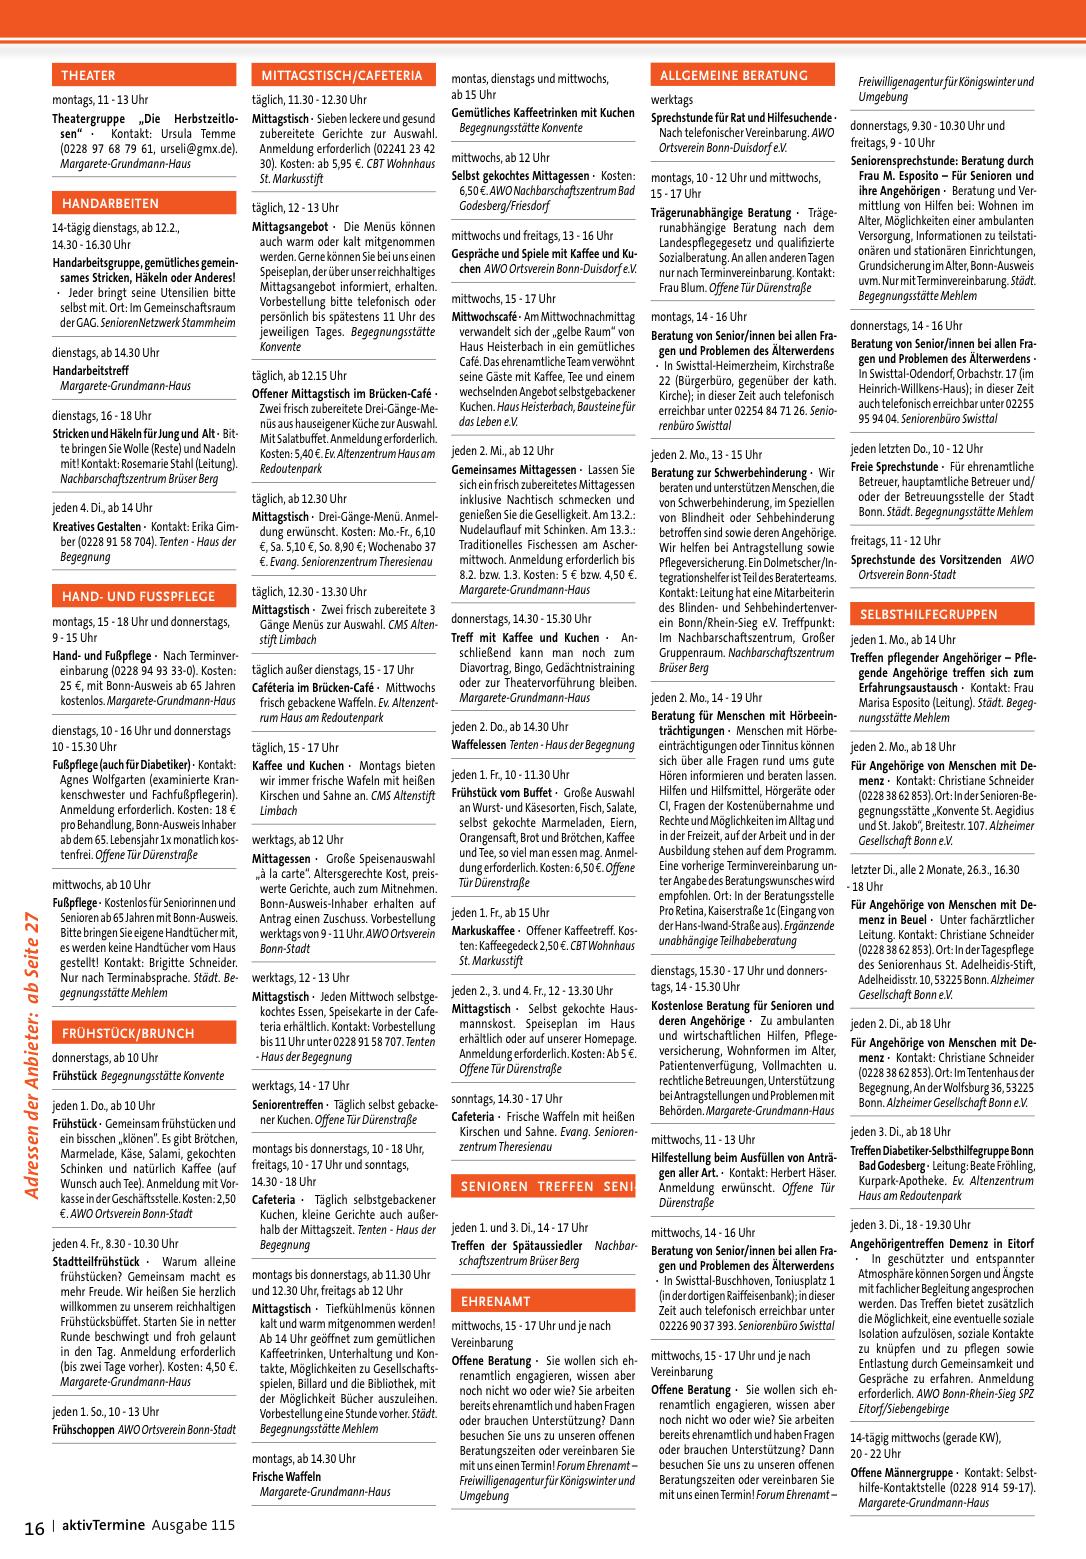 Ideal Werbeagentur: Verlag: aktivTermine: Ausgaben-Archiv